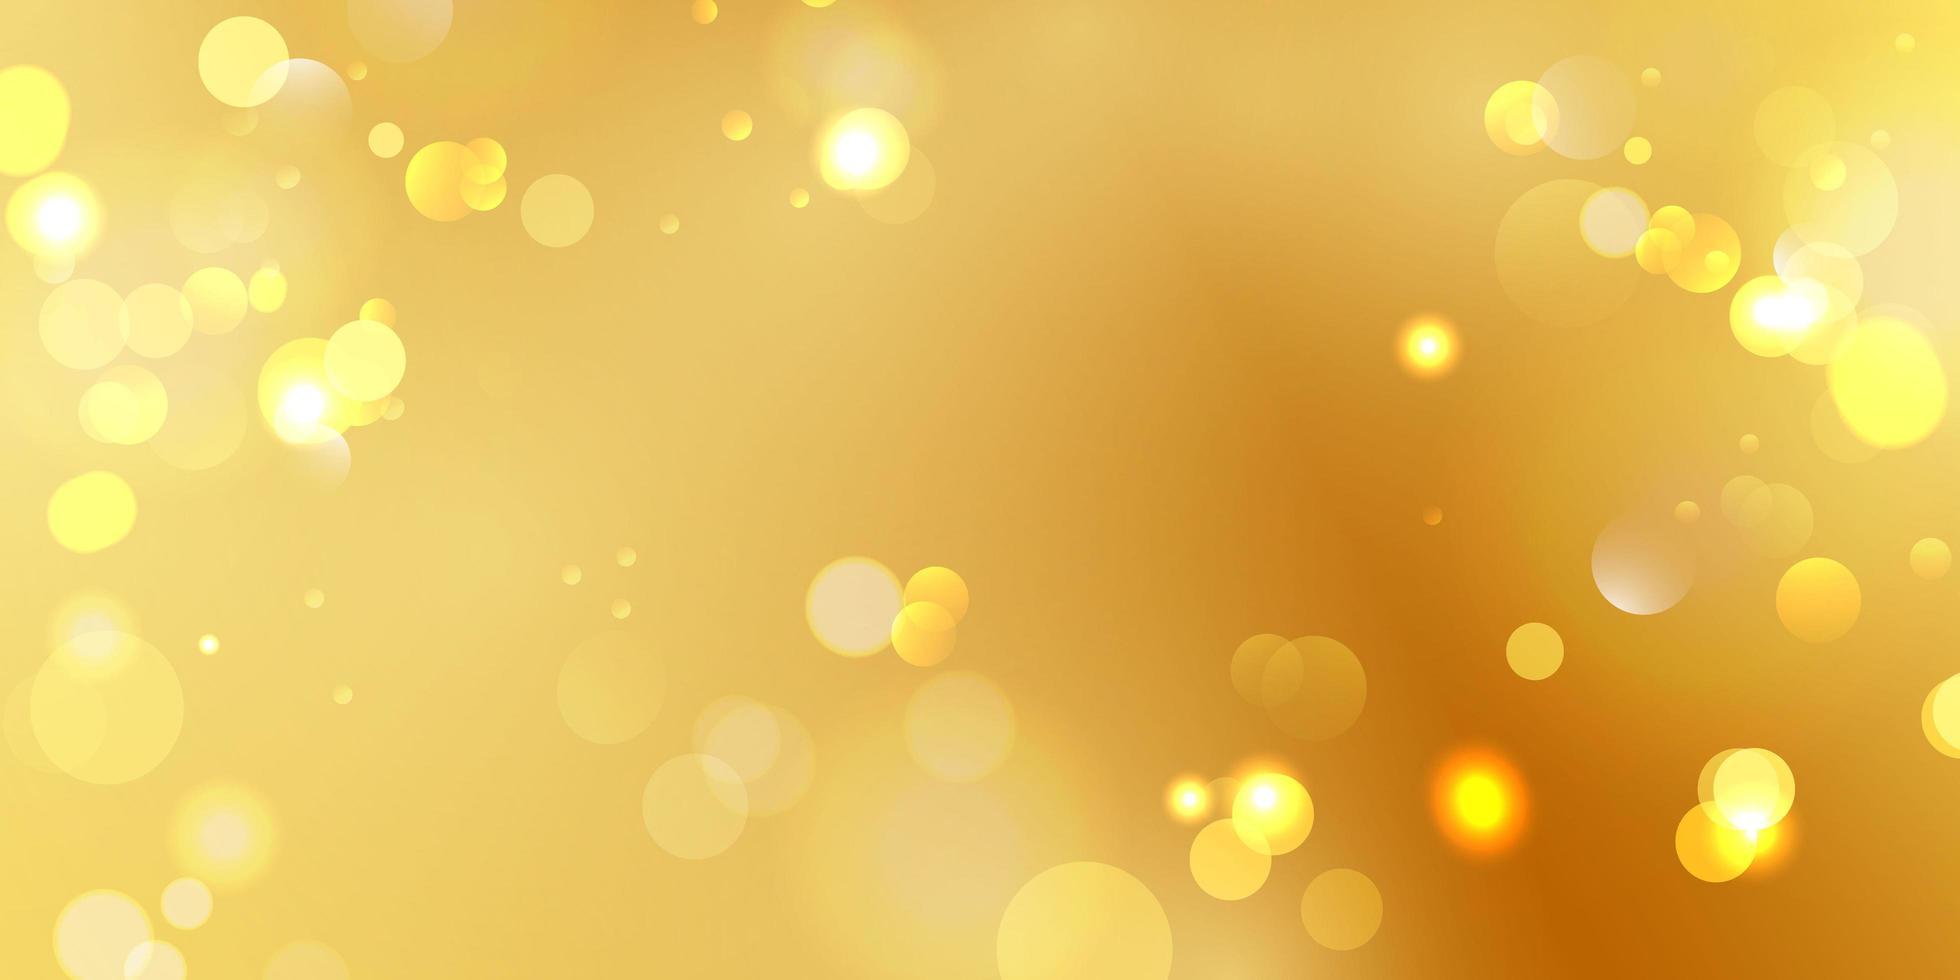 abstrakt suddigt ljuselement som kan användas för bokehbakgrund med gult guldfärg vektor